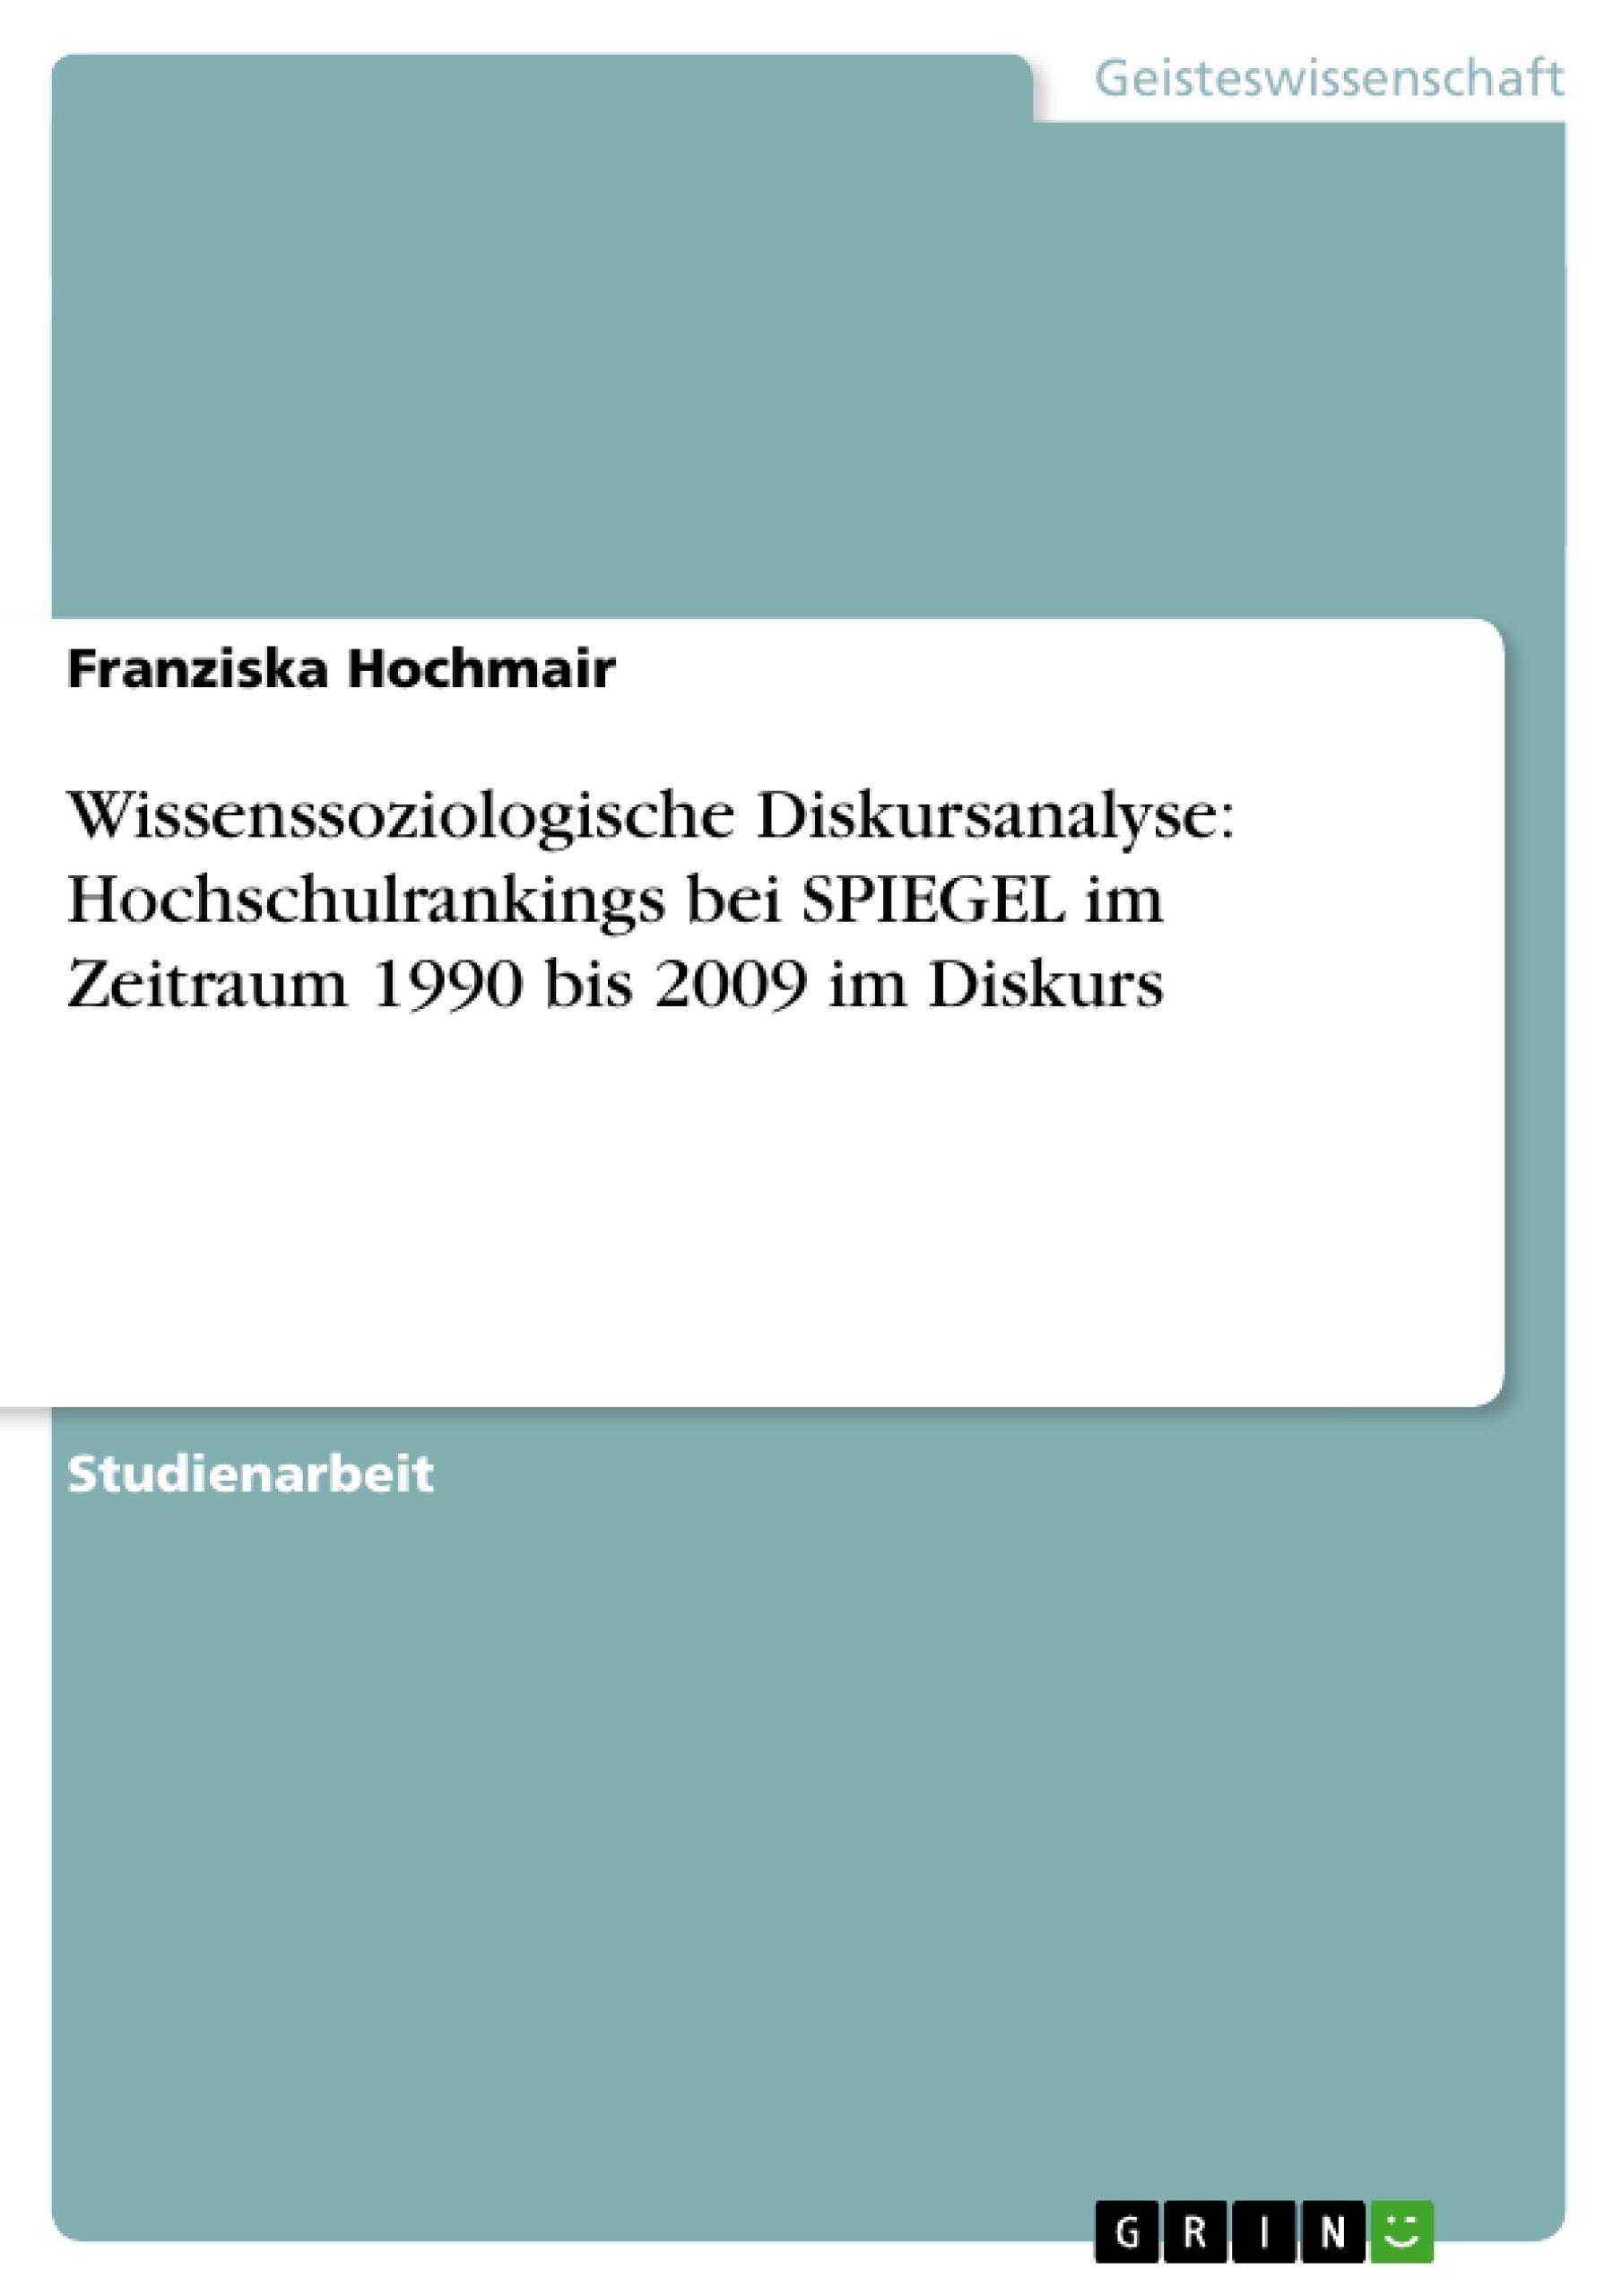 Titel: Wissenssoziologische Diskursanalyse: Hochschulrankings bei SPIEGEL im Zeitraum 1990 bis 2009 im Diskurs